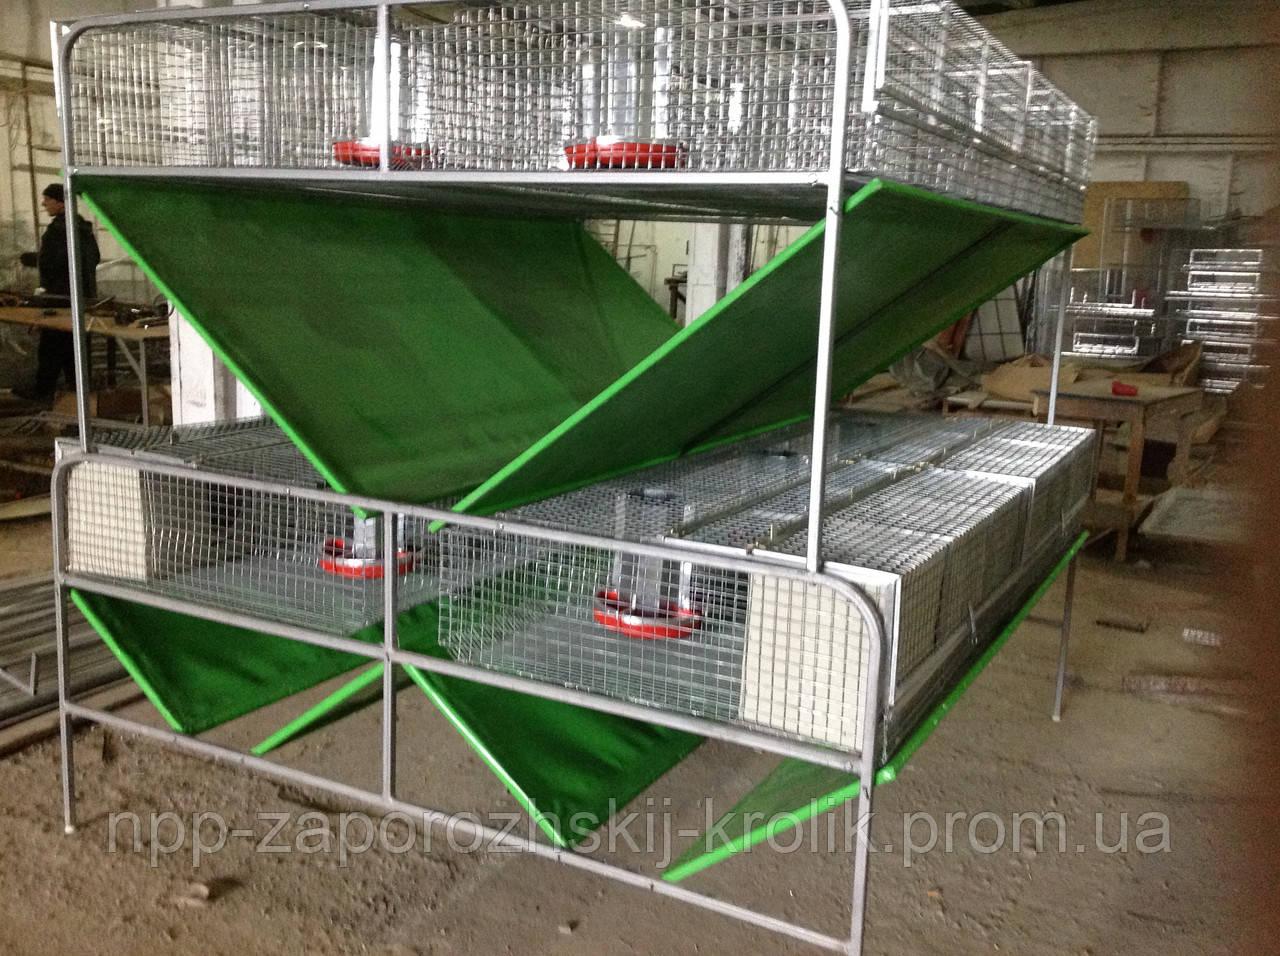 Клетки для кролей промышленного производства